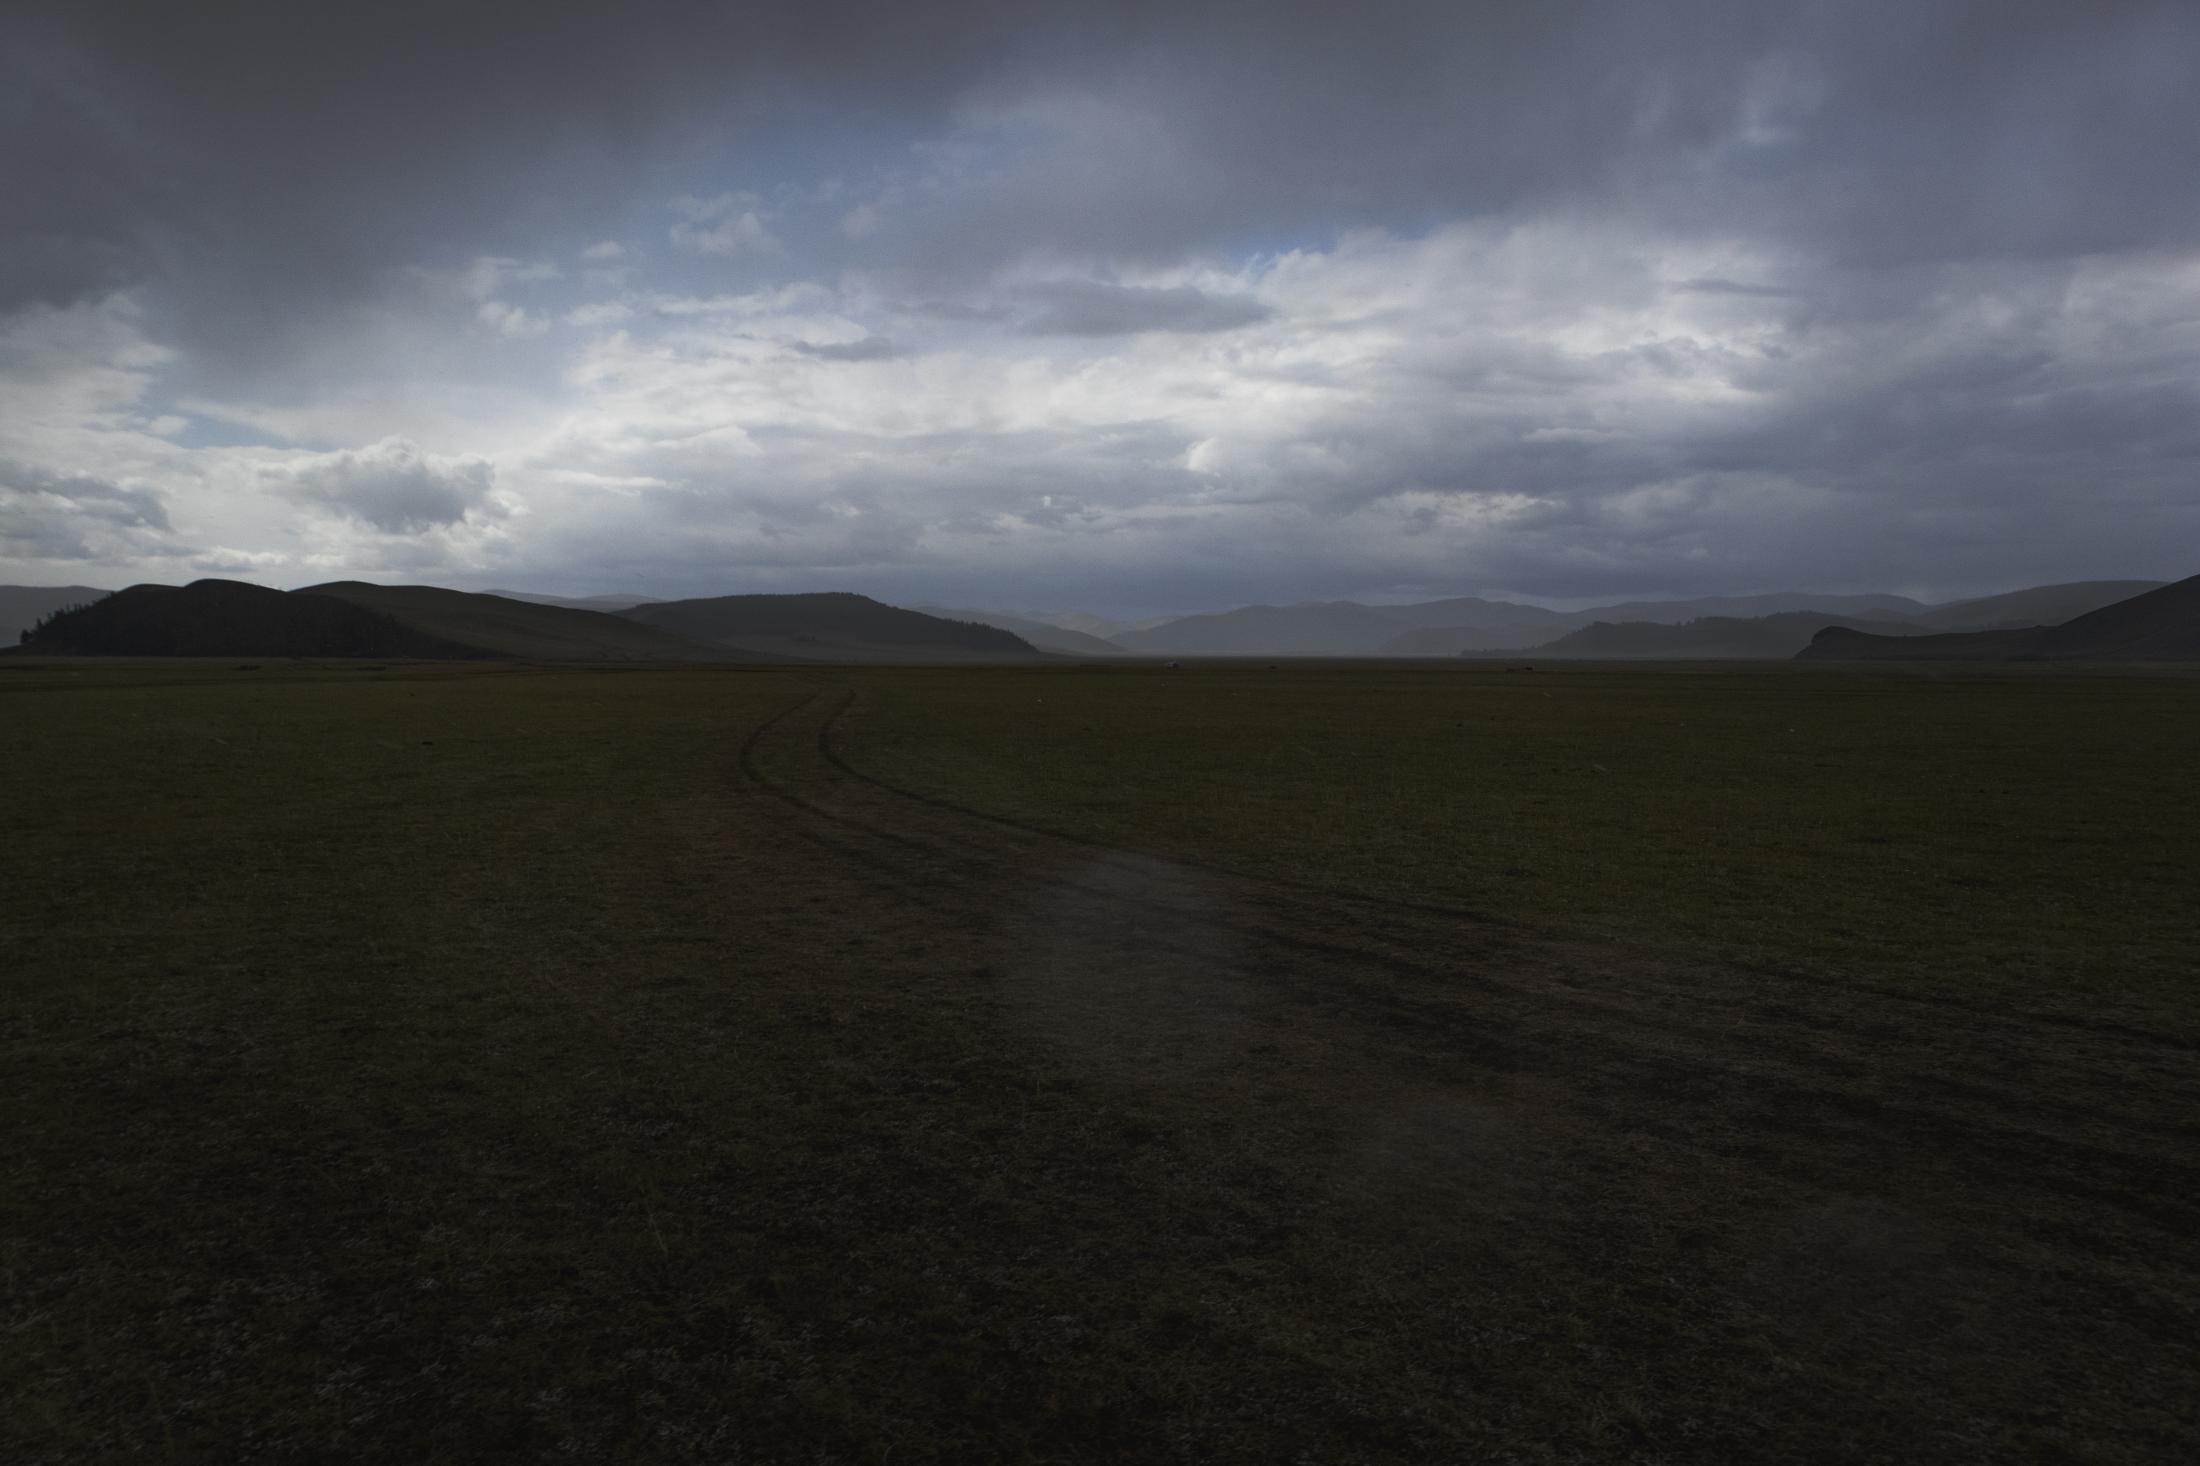 Le vie percorribili sono molteplici nell'immensità della steppa mongola. Le strade asfaltate sono presenti infatti solo nei dintorni delle poche maggiori città. (Mongolia Centrale. Mongolia, 2019) ©Simone Filpa